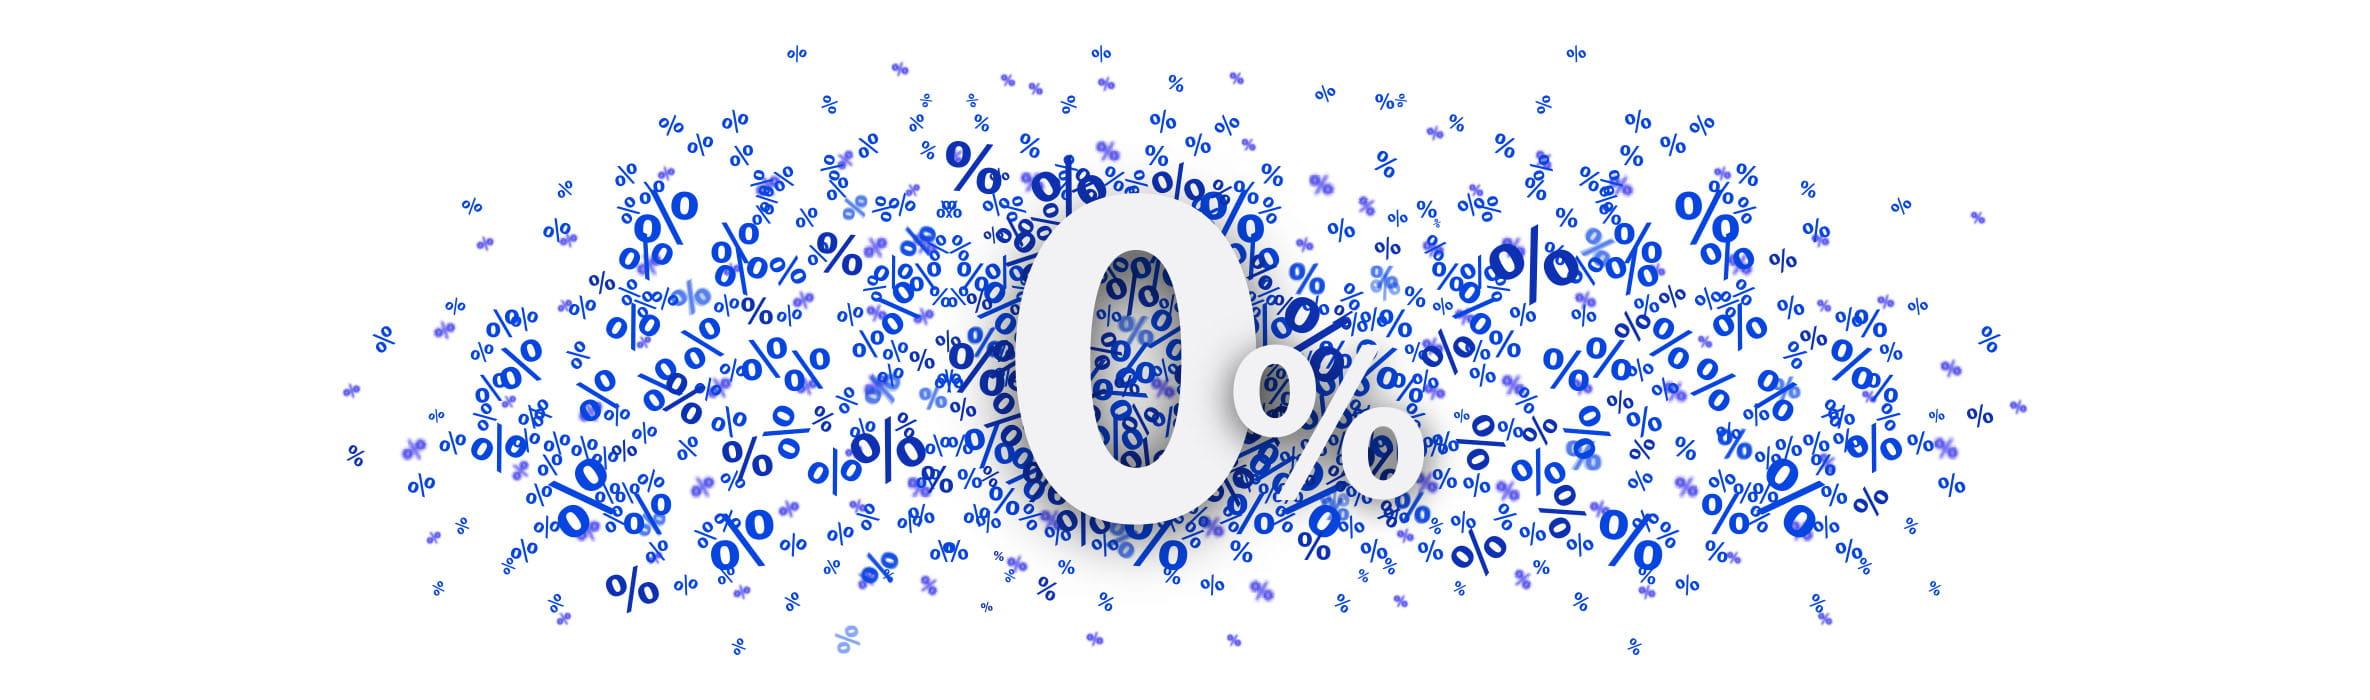 Blau weiße 0 % Grafik